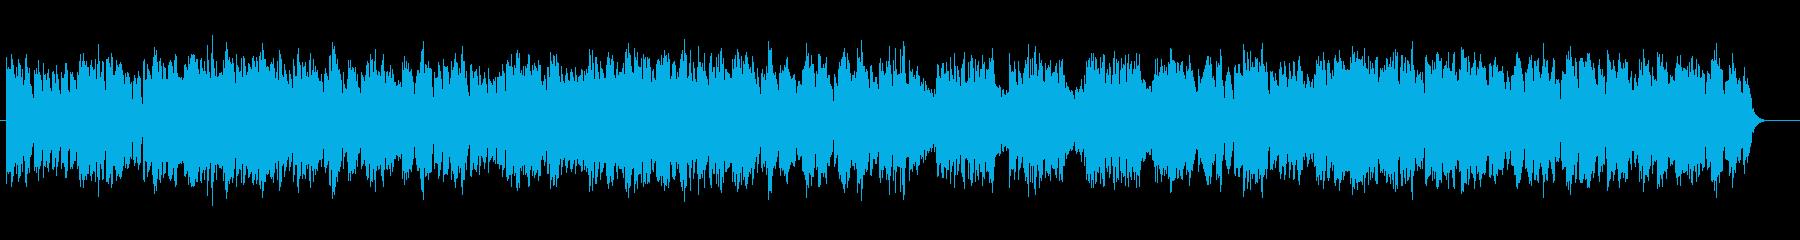 幻想的な落ち着いたベースサウンドの再生済みの波形